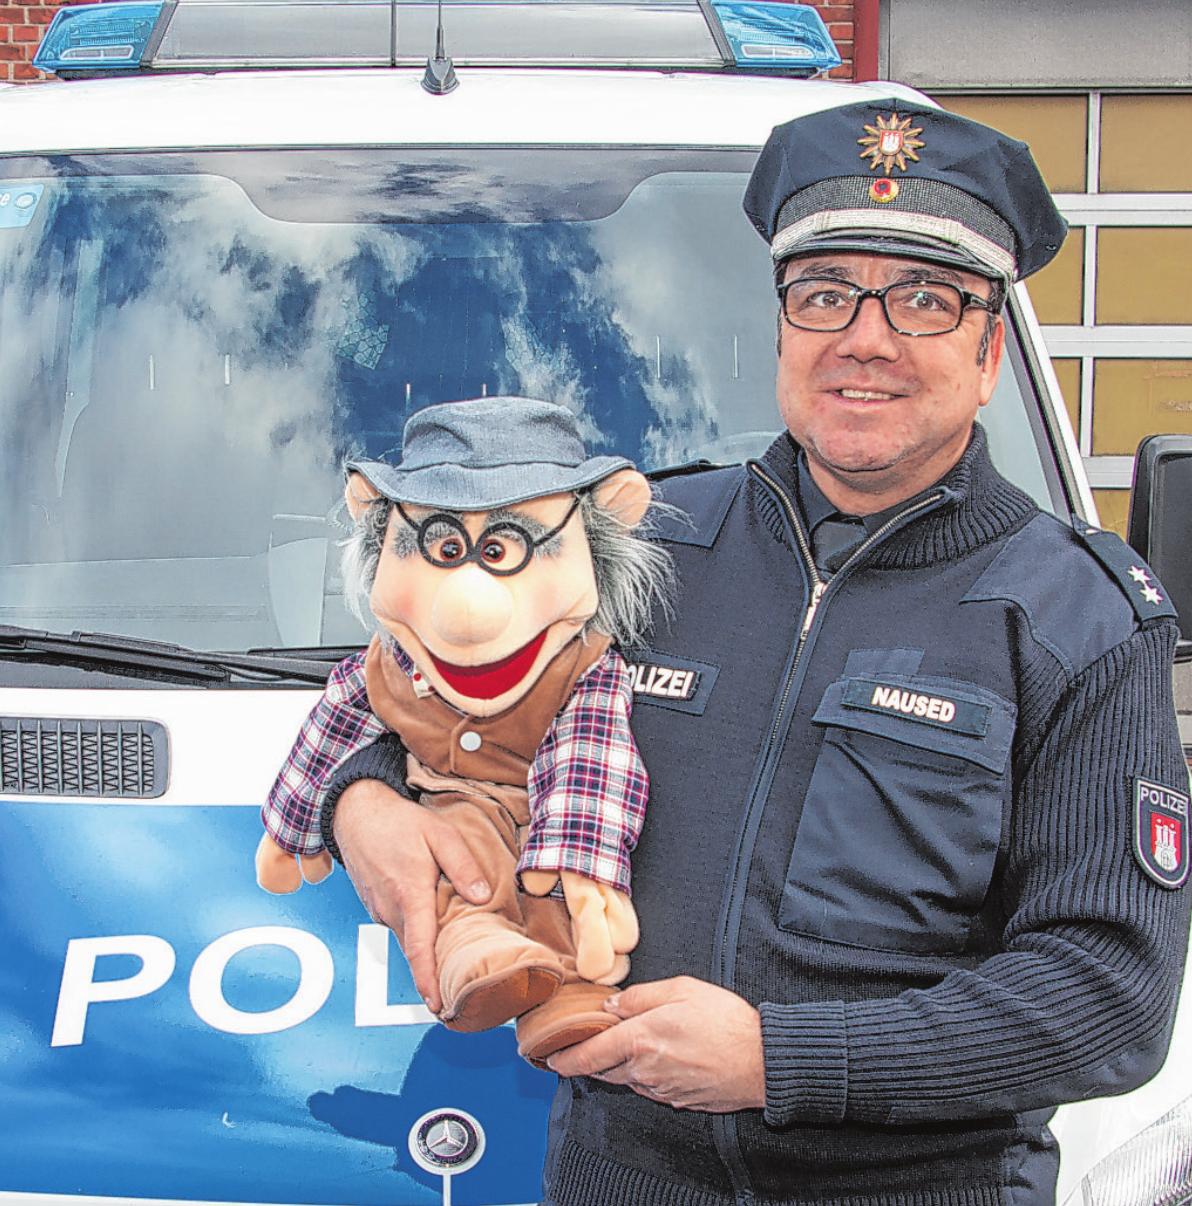 Herr Maschke kämpft sich durch den Straßenverkehr. Oberkommissar Jörg Naused haucht der Puppe Leben einFoto: Umsorgt wohnen